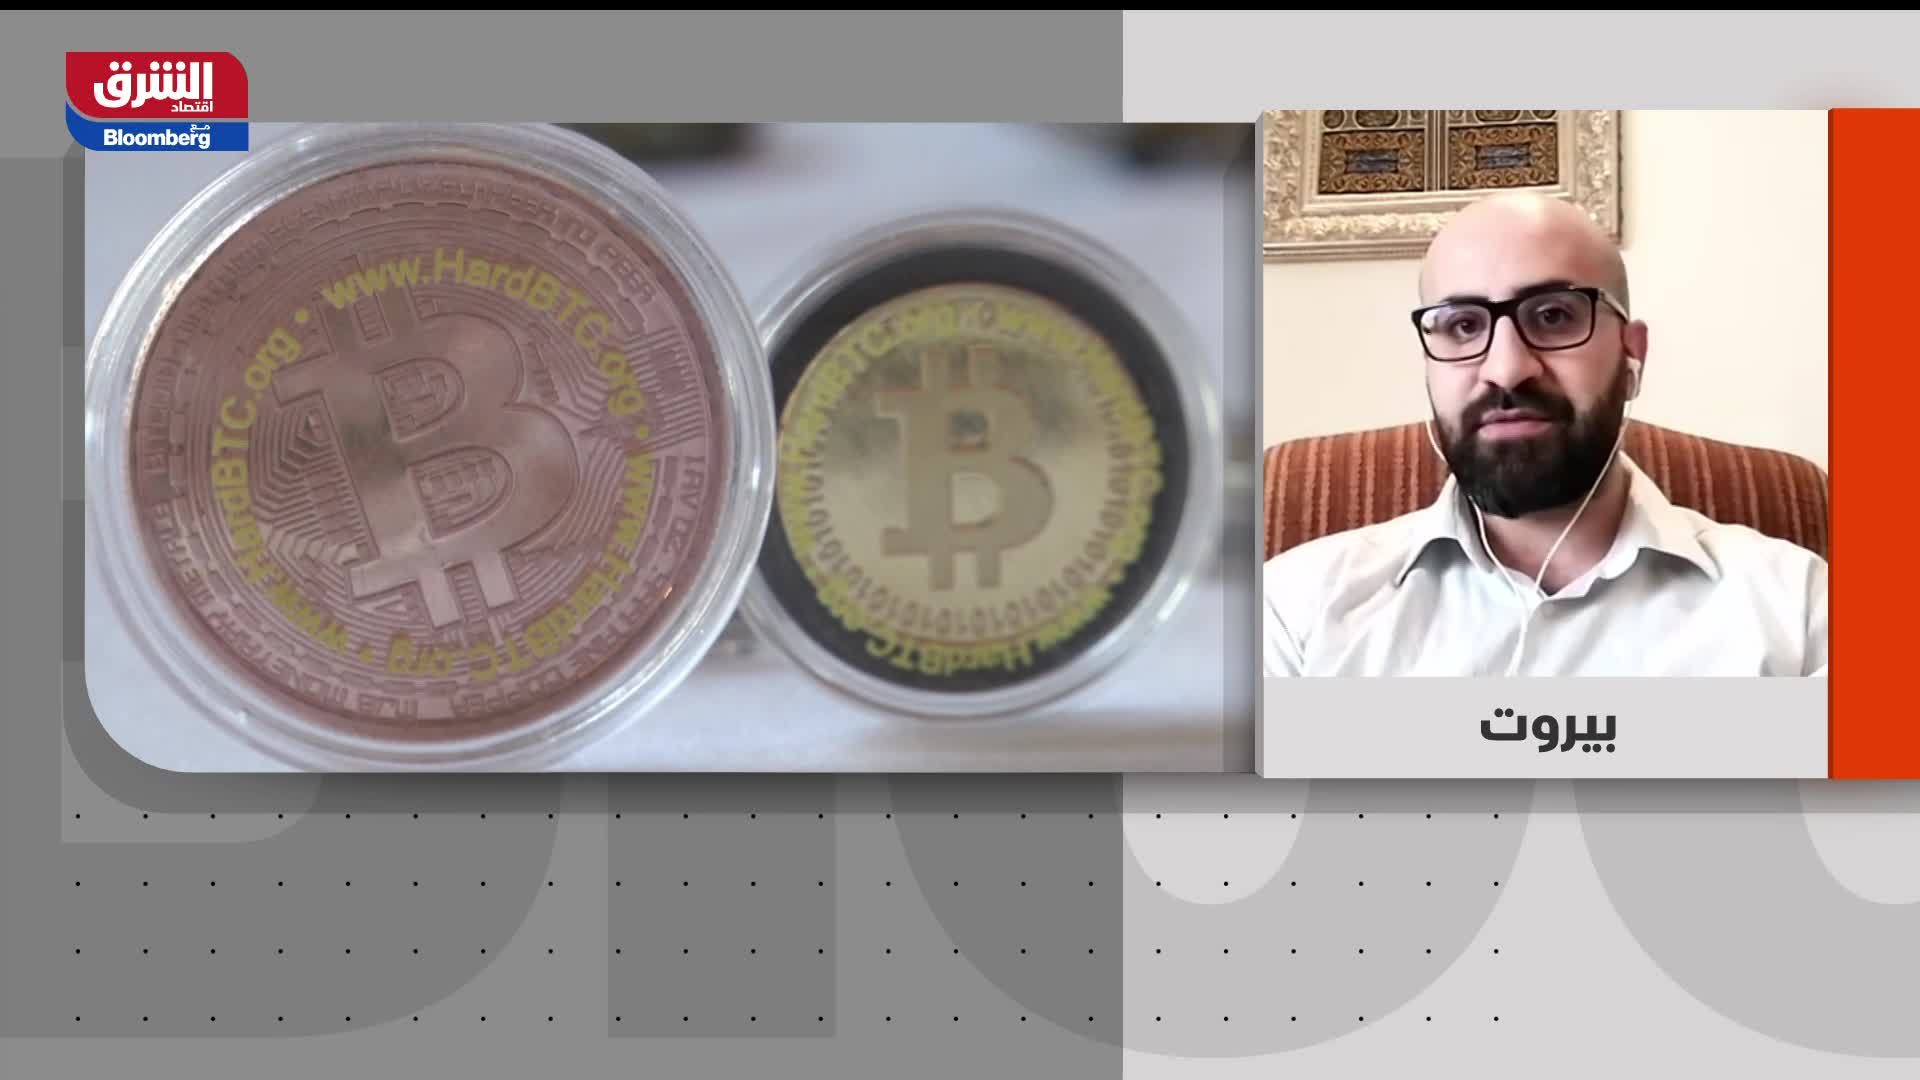 ما الفرق بين العملات البنكية الرقمية والعملات المشفرة؟